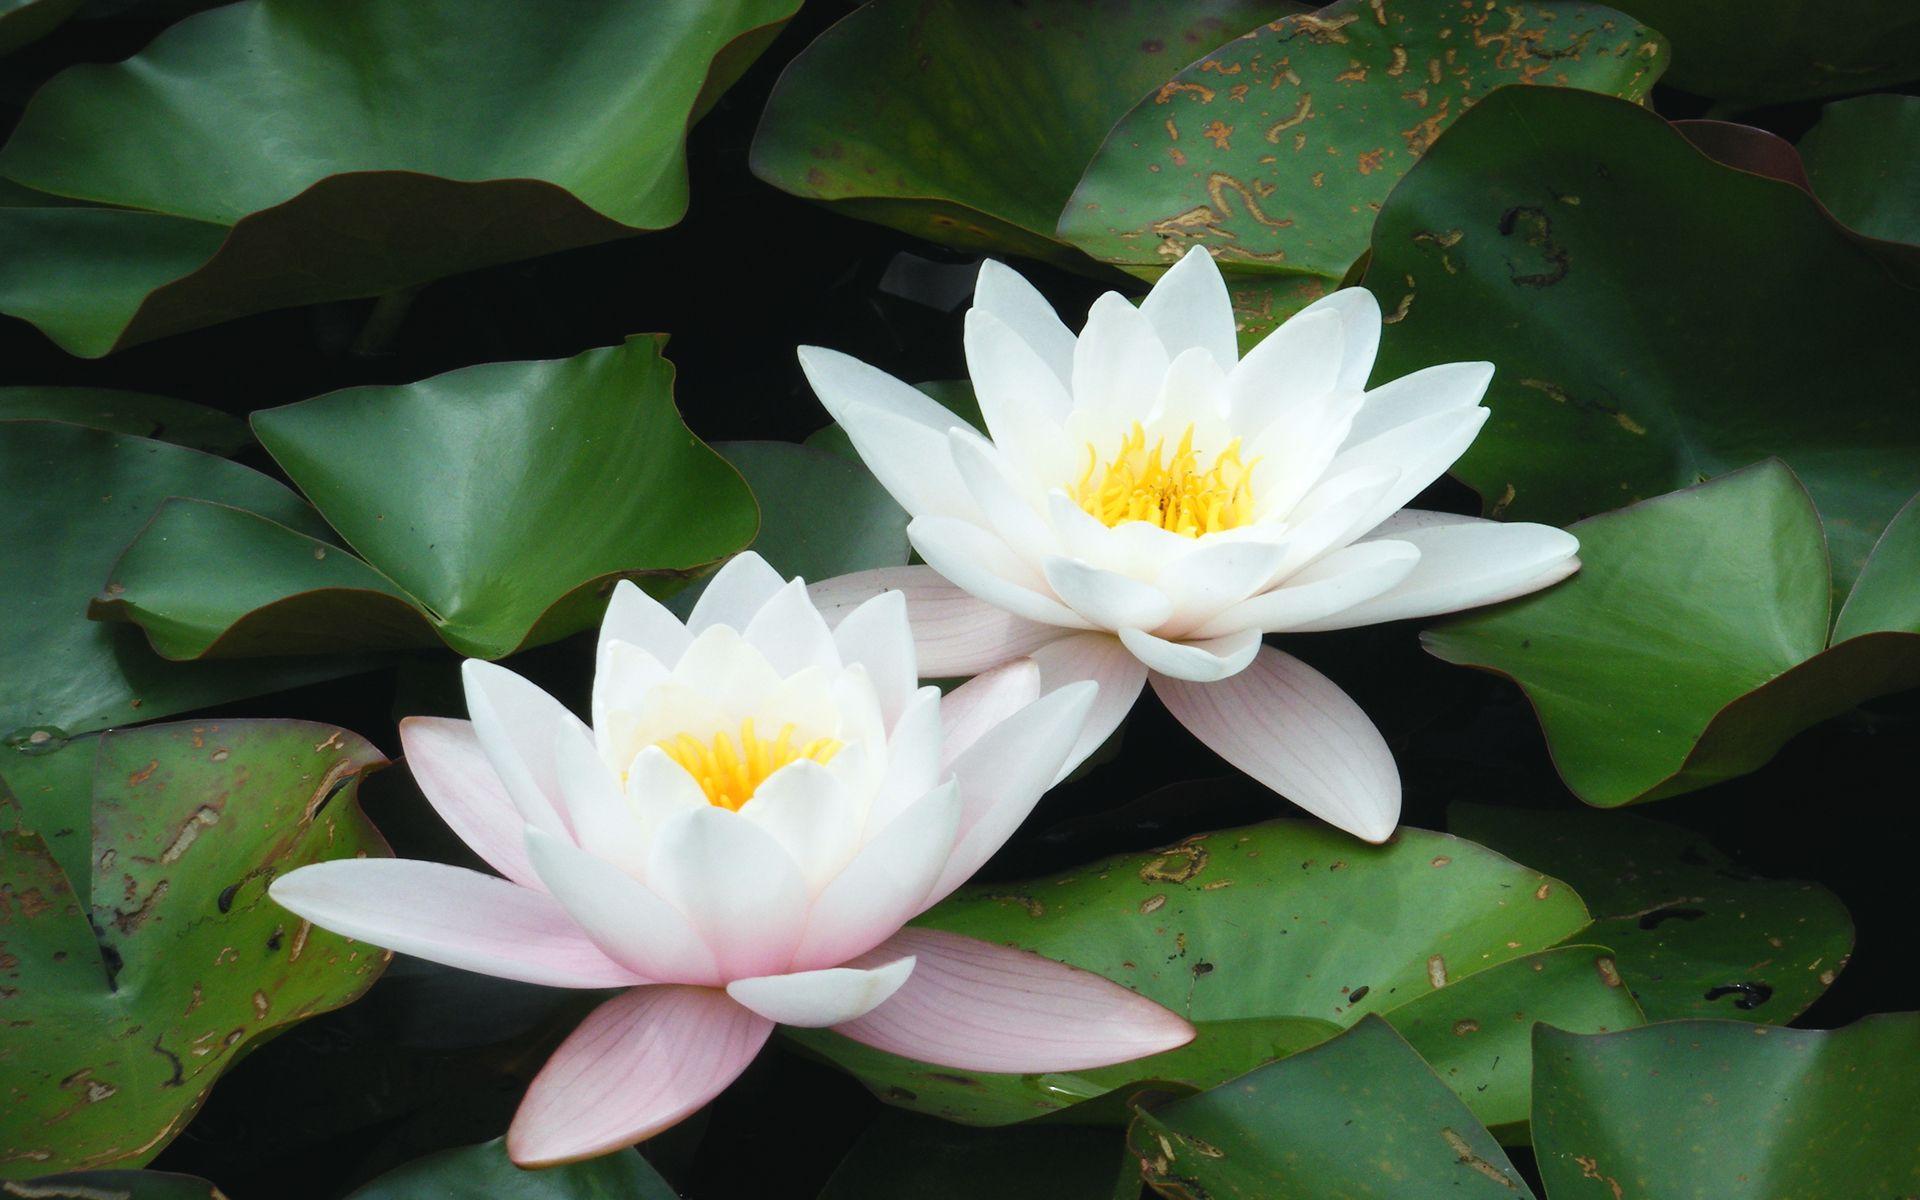 White Lotus Flower Wallpapers Hd Wallpaper Black White Vector